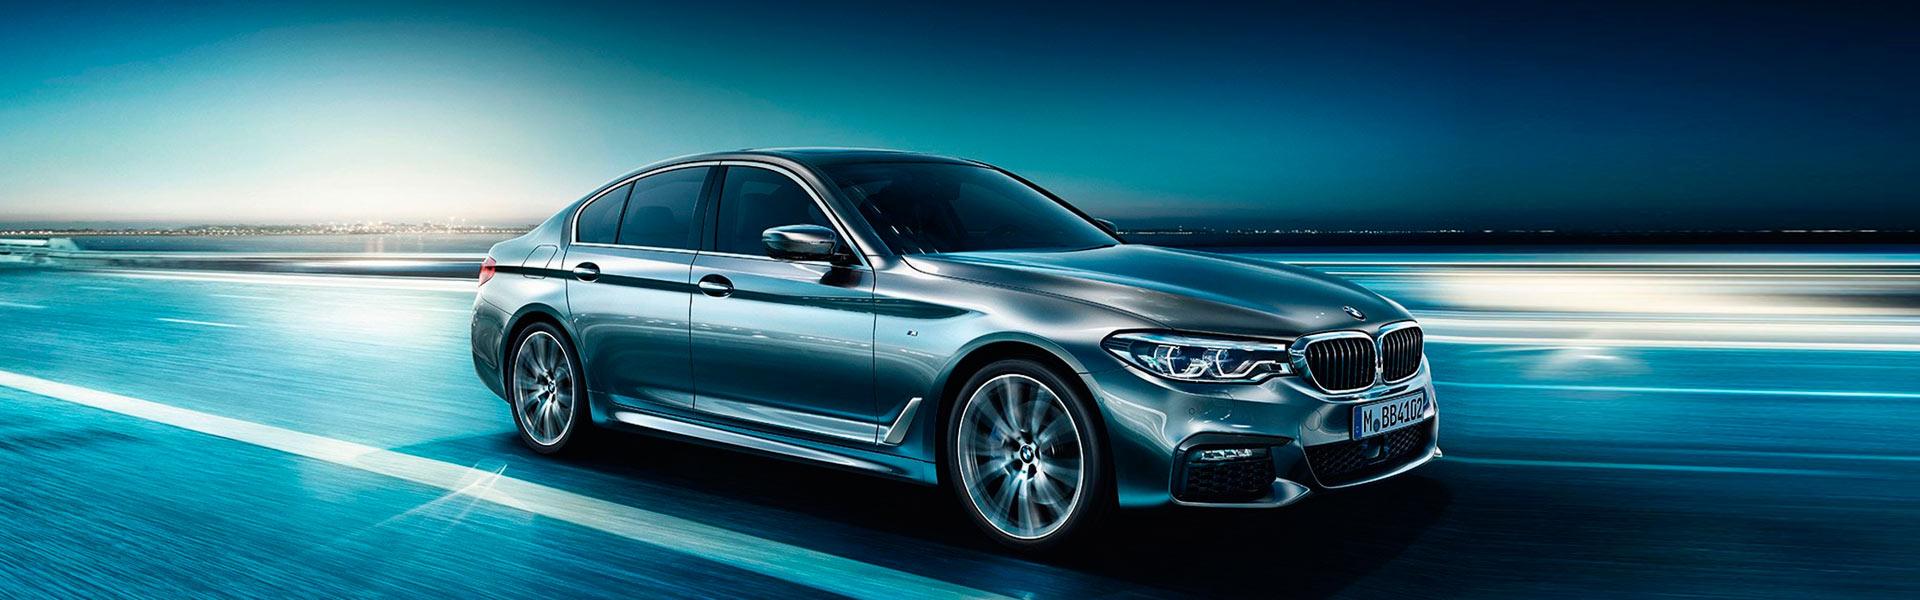 Ремонт глушителя BMW 5-series